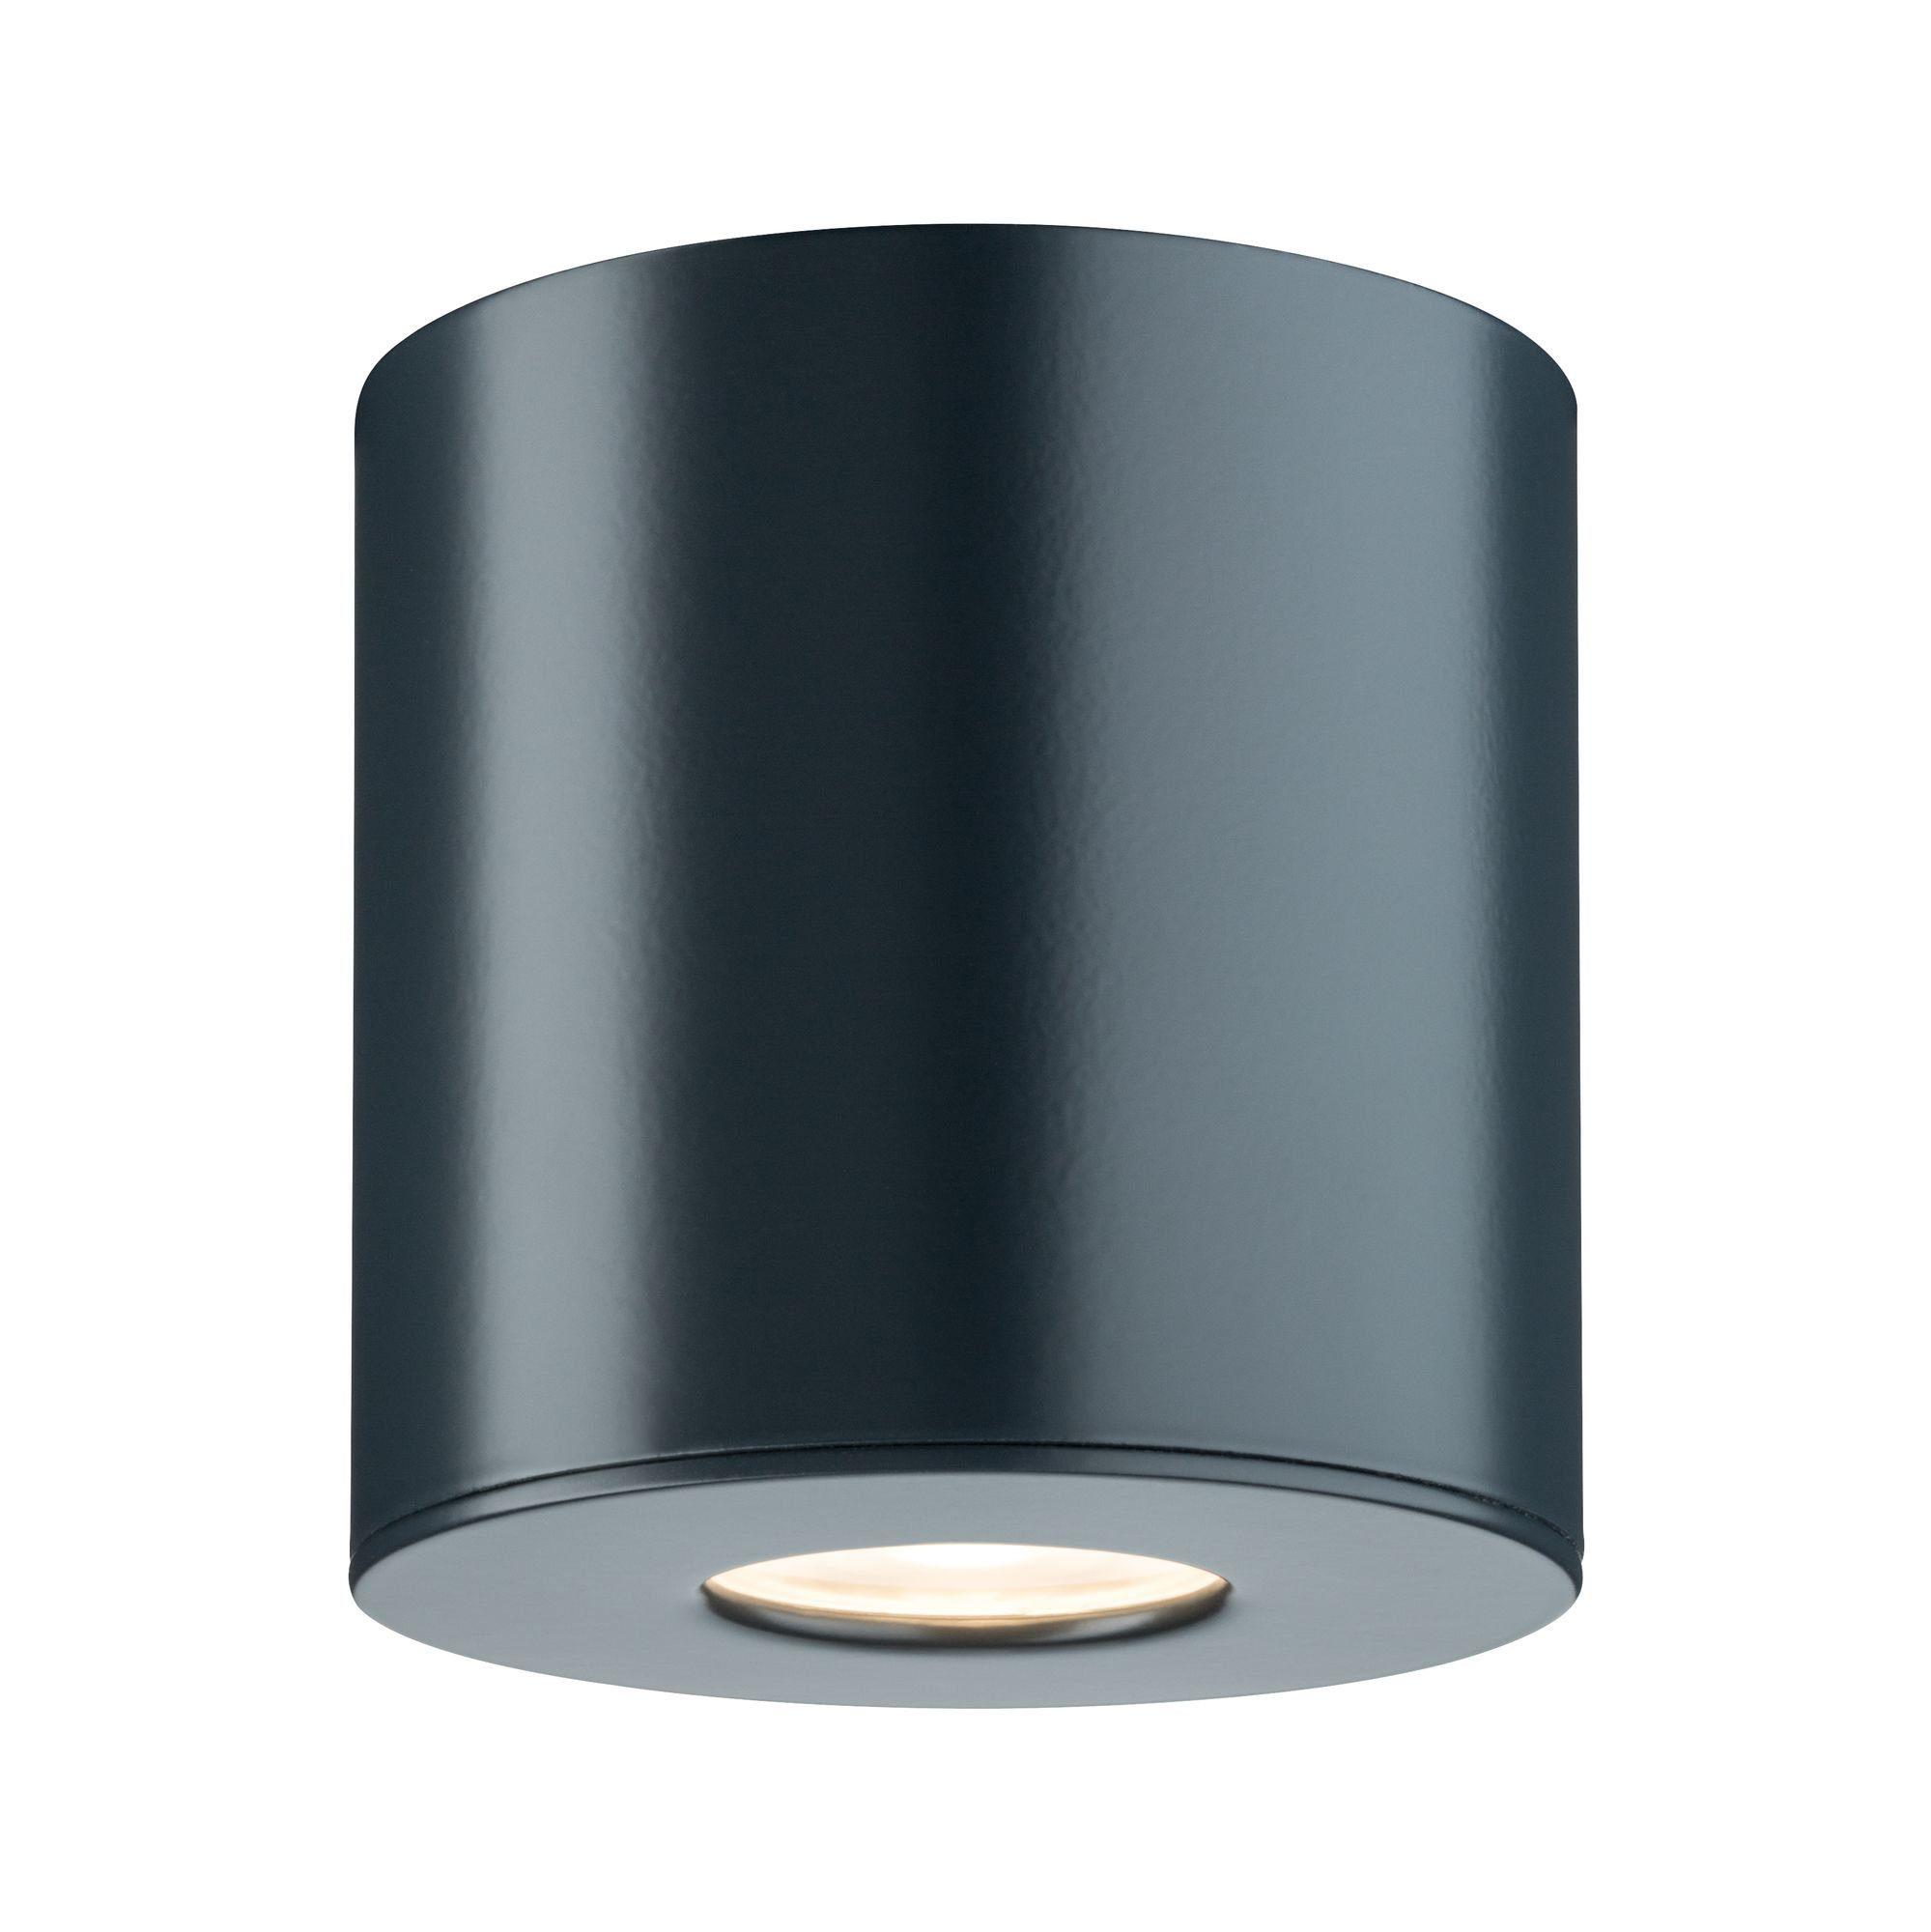 Paulmann LED Außen-Deckenleuchte Aufbauleuchte 5,8W Anthrazit, 1 St., Warmweiß